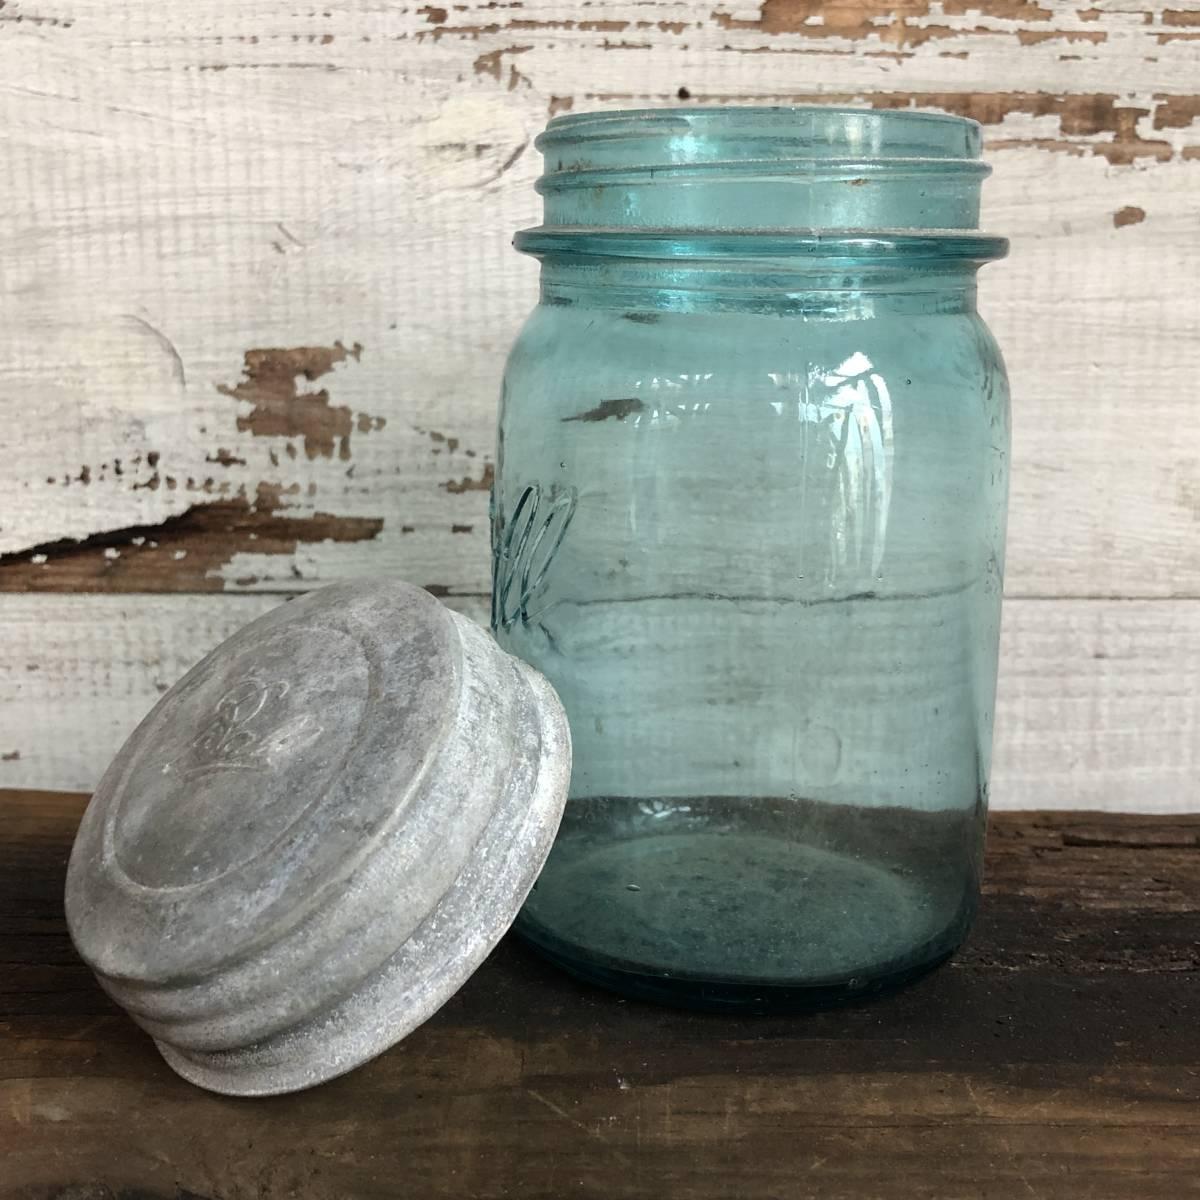 即決⑩ 1930's ball 14cm ヴィンテージ メイソンジャー ガラス瓶 キッチン ジャンク シャビー アクセサリー パーツ 金具 雑貨 小物 収納_画像4